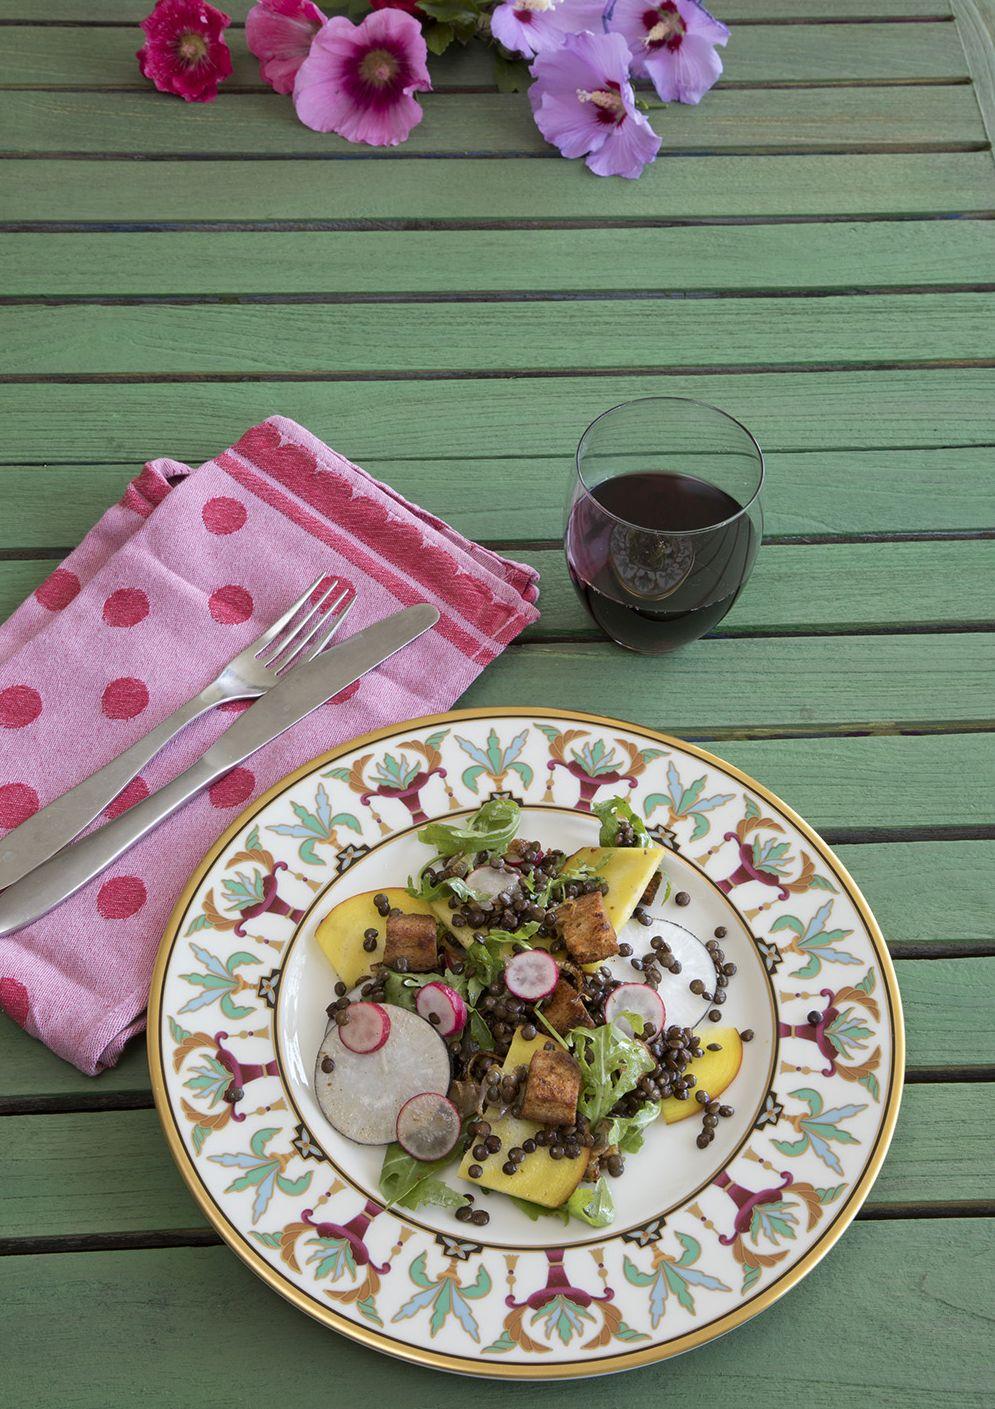 Linzensalade met sjalot, radijs en croutons